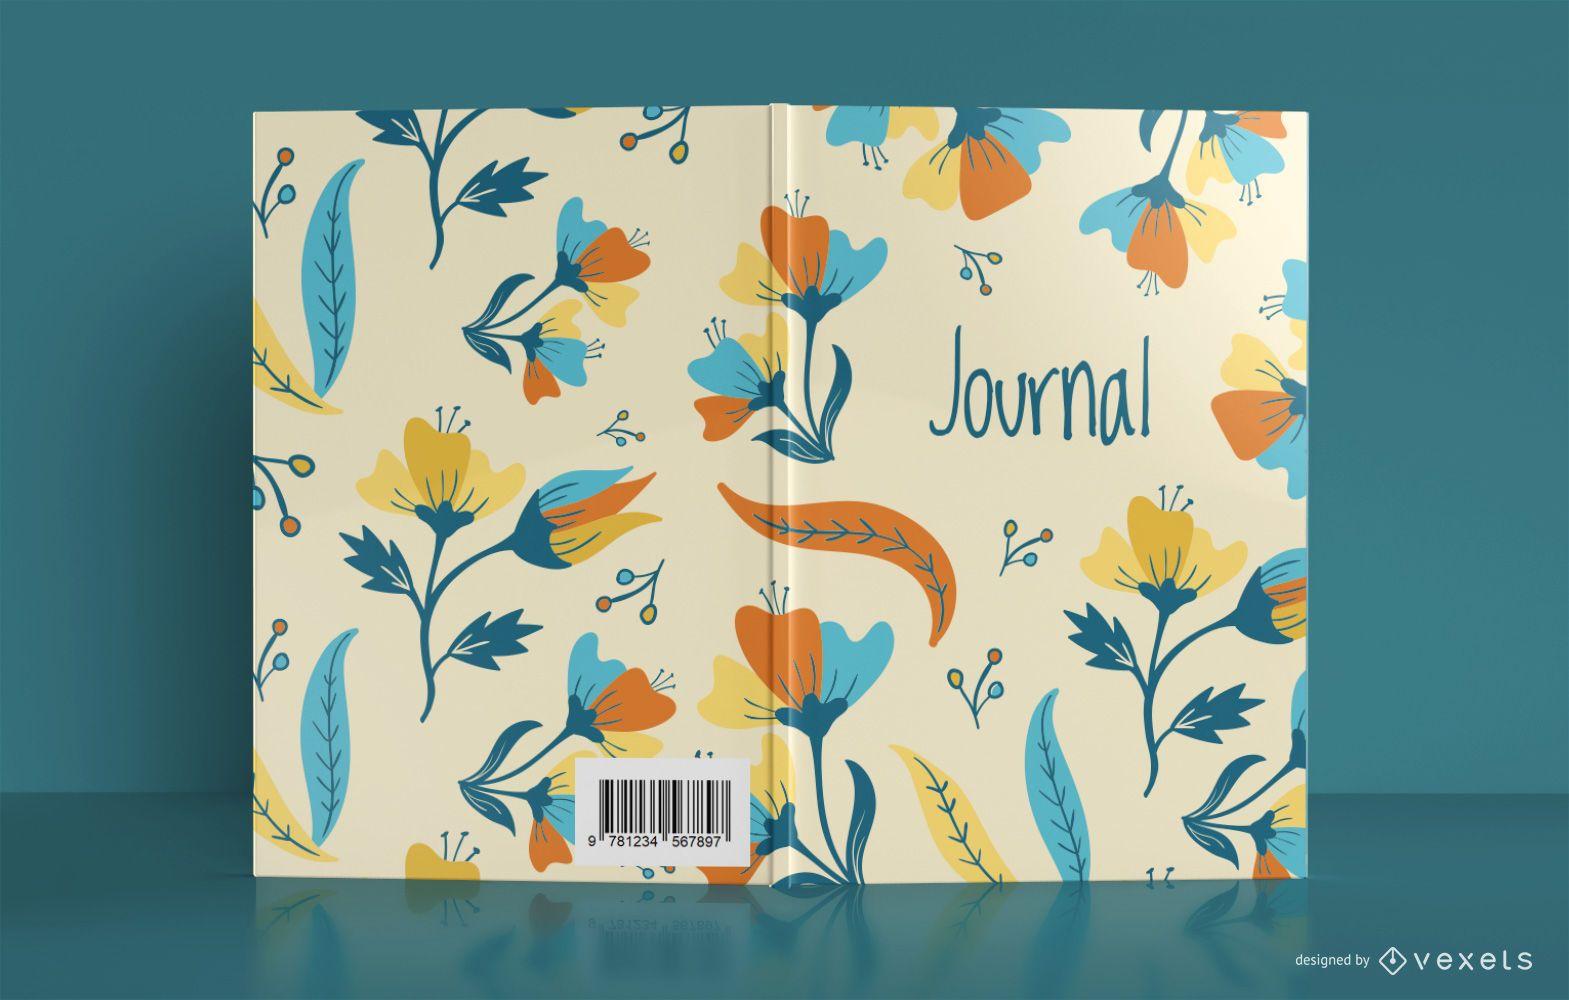 Diseño de portada de libro de diario de flores